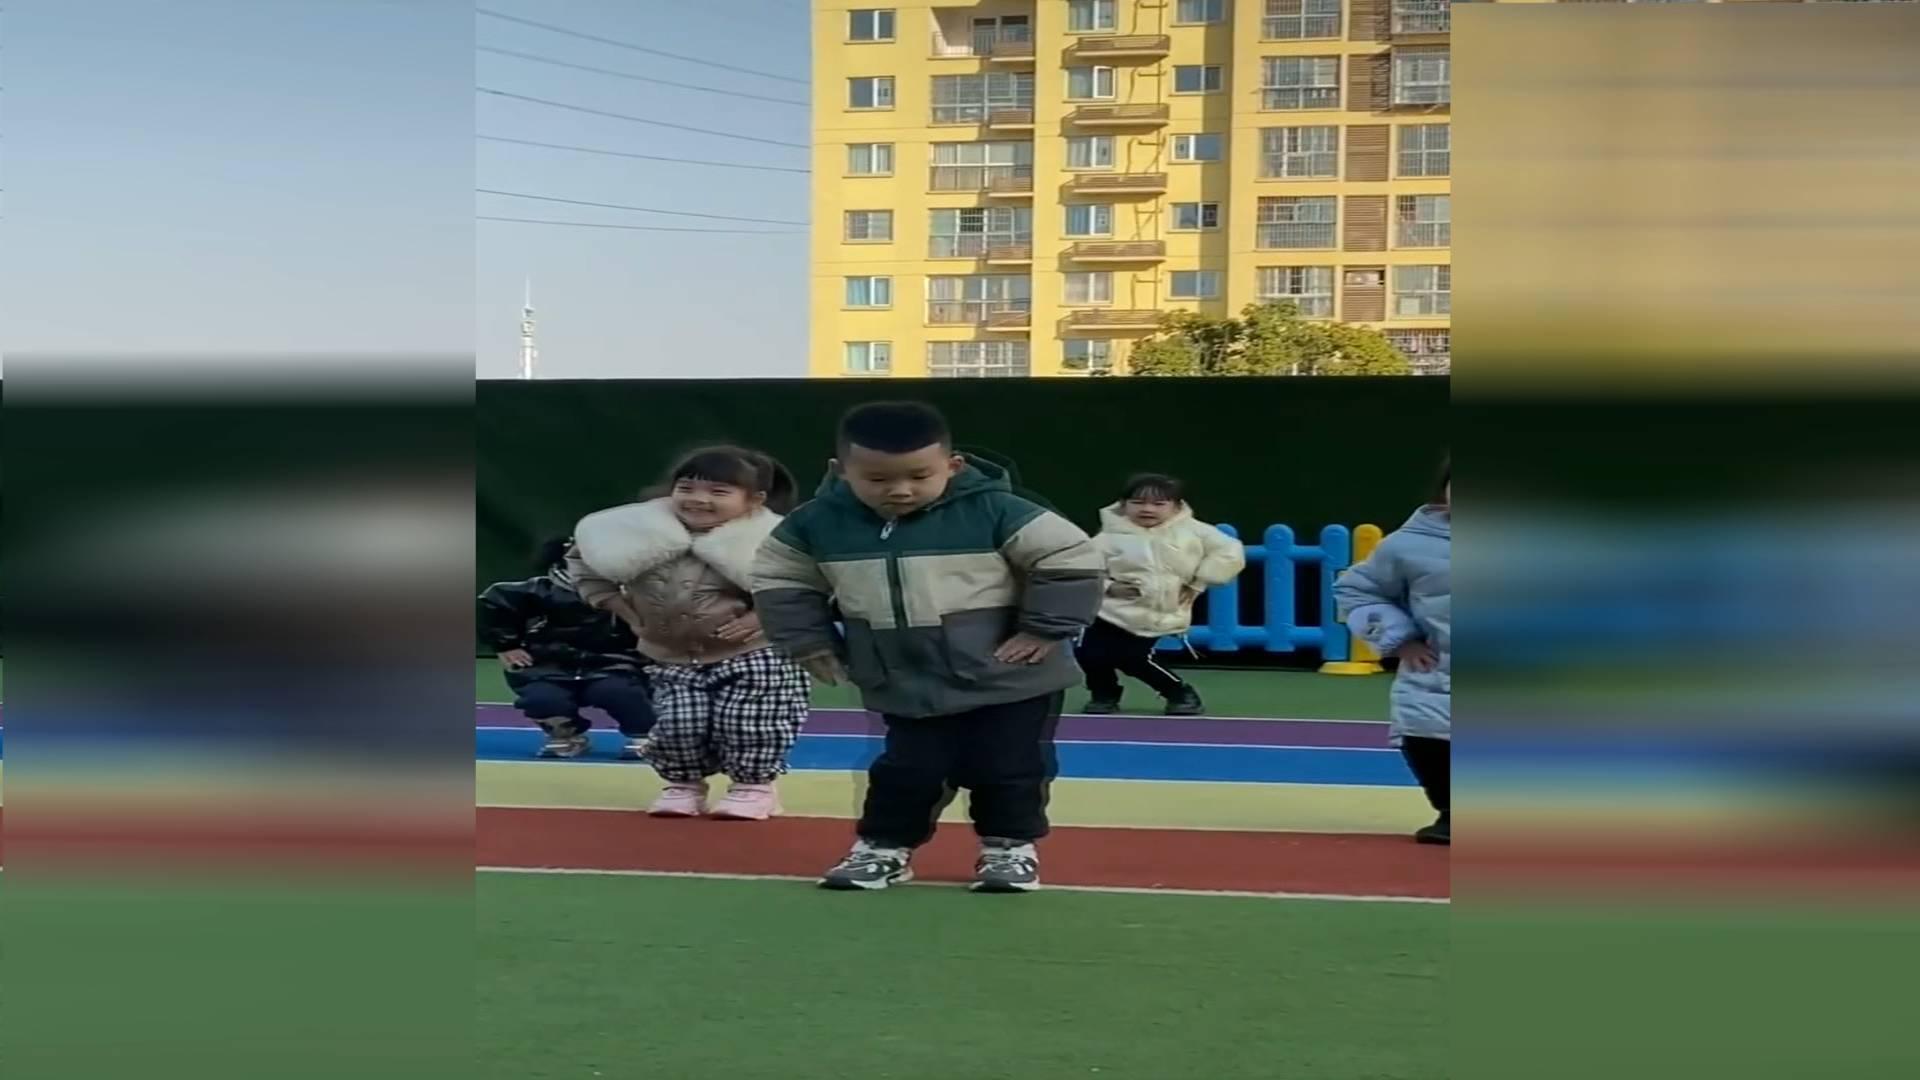 44秒|幼儿园男童带一群女同学跳舞 网友:C位从来不会让人失望!